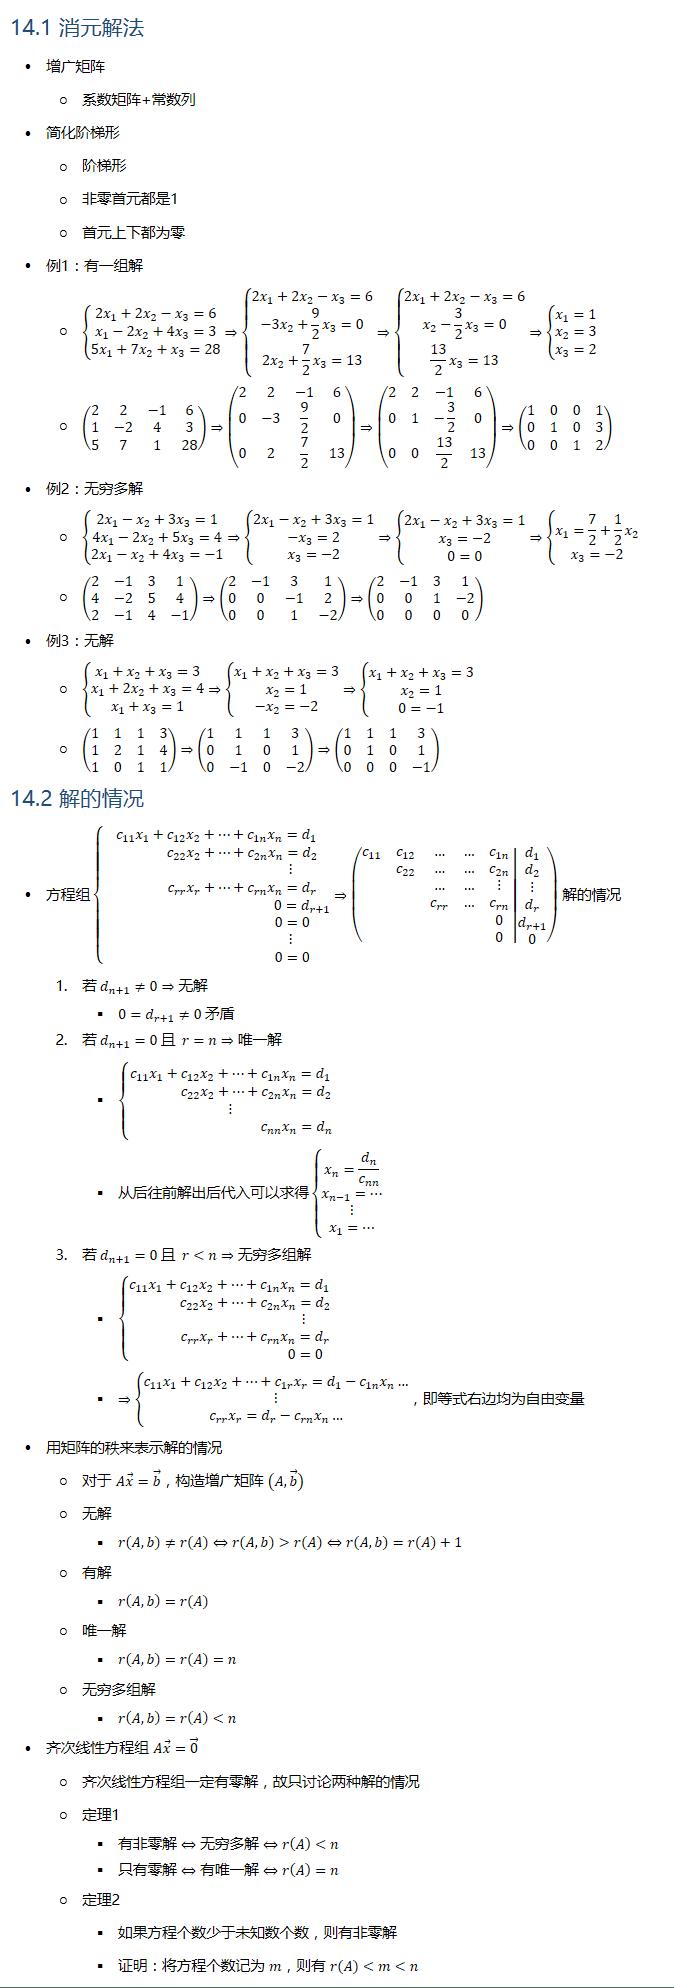 14.1 消元解法 • 增广矩阵 ○ 系数矩阵+常数列 • 简化阶梯形 ○ 阶梯形 ○ 非零首元都是1 ○ 首元上下都为零 • 例1:有一组解 ○ {█(2x_1+2x_2−x_3=6@x_1−2x_2+4x_3=3@5x_1+7x_2+x_3=28)┤⇒{█(2x_1+2x_2−x_3=6@−3x_2+9/2 x_3=0@2x_2+7/2 x_3=13)┤⇒{█(2x_1+2x_2−x_3=6@x_2−3/2 x_3=0@13/2 x_3=13)┤⇒{█(x_1=1@x_2=3@x_3=2)┤ ○ (■8(2&2&−1&6@1&−2&4&3@5&7&1&28))⇒(■8(2&2&−1&6@0&−3&9/2&0@0&2&7/2&13))⇒(■8(2&2&−1&6@0&1&−3/2&0@0&0&13/2&13))⇒(■8(1&0&0&1@0&1&0&3@0&0&1&2)) • 例2:无穷多解 ○ {█(2x_1−x_2+3x_3=1@4x_1−2x_2+5x_3=4@2x_1−x_2+4x_3=−1)┤⇒{█(2x_1−x_2+3x_3=1@−x_3=2@x_3=−2)┤⇒{█(2x_1−x_2+3x_3=1@x_3=−2@0=0)┤⇒{█(x_1=7/2+1/2 x_2@x_3=−2)┤ ○ (■8(2&−1&3&1@4&−2&5&4@2&−1&4&−1))⇒(■8(2&−1&3&1@0&0&−1&2@0&0&1&−2))⇒(■8(2&−1&3&1@0&0&1&−2@0&0&0&0)) • 例3:无解 ○ {█(x_1+x_2+x_3=3@x_1+2x_2+x_3=4@x_1+x_3=1)┤⇒{█(x_1+x_2+x_3=3@x_2=1@−x_2=−2)┤⇒{█(x_1+x_2+x_3=3@x_2=1@0=−1)┤ ○ (■8(1&1&1&3@1&2&1&4@1&0&1&1))⇒(■8(1&1&1&3@0&1&0&1@0&−1&0&−2))⇒(■8(1&1&1&3@0&1&0&1@0&0&0&−1)) 14.2 解的情况 • 方程组{█(c_11 x_1+c_12 x_2+…+c_1n x_n=d_1@ c_22 x_2+…+c_2n x_n=d_2@ ⋮@ c_rr x_r+…+c_rn x_n=d_r@ 0=d_(r+1)@ 0=0@ ⋮@ 0=0)┤⇒(■(c_11&c_12&…&…&c_1n@&c_22&…&…&c_2n@&&…&…&⋮@&&c_rr&…&c_rn@&&&&0@&&&&0) │■8(d_1@d_2@⋮@d_r@d_(r+1)@0)) 解的情况 1. 若 d_(n+1)≠0⇒无解 § 0=d_(r+1)≠0 矛盾 2. 若 d_(n+1)=0 且 r=n⇒唯一解 § {█(c_11 x_1+c_12 x_2+…+c_1n x_n=d_1@ c_22 x_2+…+c_2n x_n=d_2@⋮@ c_nn x_n=d_n )┤ § 从后往前解出后代入可以求得{█(x_n=d_n/c_nn @x_(n−1)=…@⋮@x_1=…)┤ 3. 若 d_(n+1)=0 且 r<n⇒无穷多组解 § {█(c_11 x_1+c_12 x_2+…+c_1n x_n=d_1@ c_22 x_2+…+c_2n x_n=d_2@ ⋮@ c_rr x_r+…+c_rn x_n=d_r@ 0=0)┤ § ⇒{█(c_11 x_1+c_12 x_2+…+c_1r x_r=d_1−c_1n x_n…@⋮@c_rr x_r=d_r−c_rn x_n…)┤,即等式右边均为自由变量 • 用矩阵的秩来表示解的情况 ○ 对于 Ax ⃗=b ⃗,构造增广矩阵 (A,b ⃗ ) ○ 无解 § r(A,b)≠r(A)⇔r(A,b)>r(A)⇔r(A,b)=r(A)+1 ○ 有解 § r(A,b)=r(A) ○ 唯一解 § r(A,b)=r(A)=n ○ 无穷多组解 § r(A,b)=r(A)<n • 齐次线性方程组 Ax ⃗=0 ⃗ ○ 齐次线性方程组一定有零解,故只讨论两种解的情况 ○ 定理1 § 有非零解⇔无穷多解⇔r(A)<n § 只有零解⇔有唯一解⇔r(A)=n ○ 定理2 § 如果方程个数少于未知数个数,则有非零解 § 证明:将方程个数记为 m,则有 r(A)<m<n